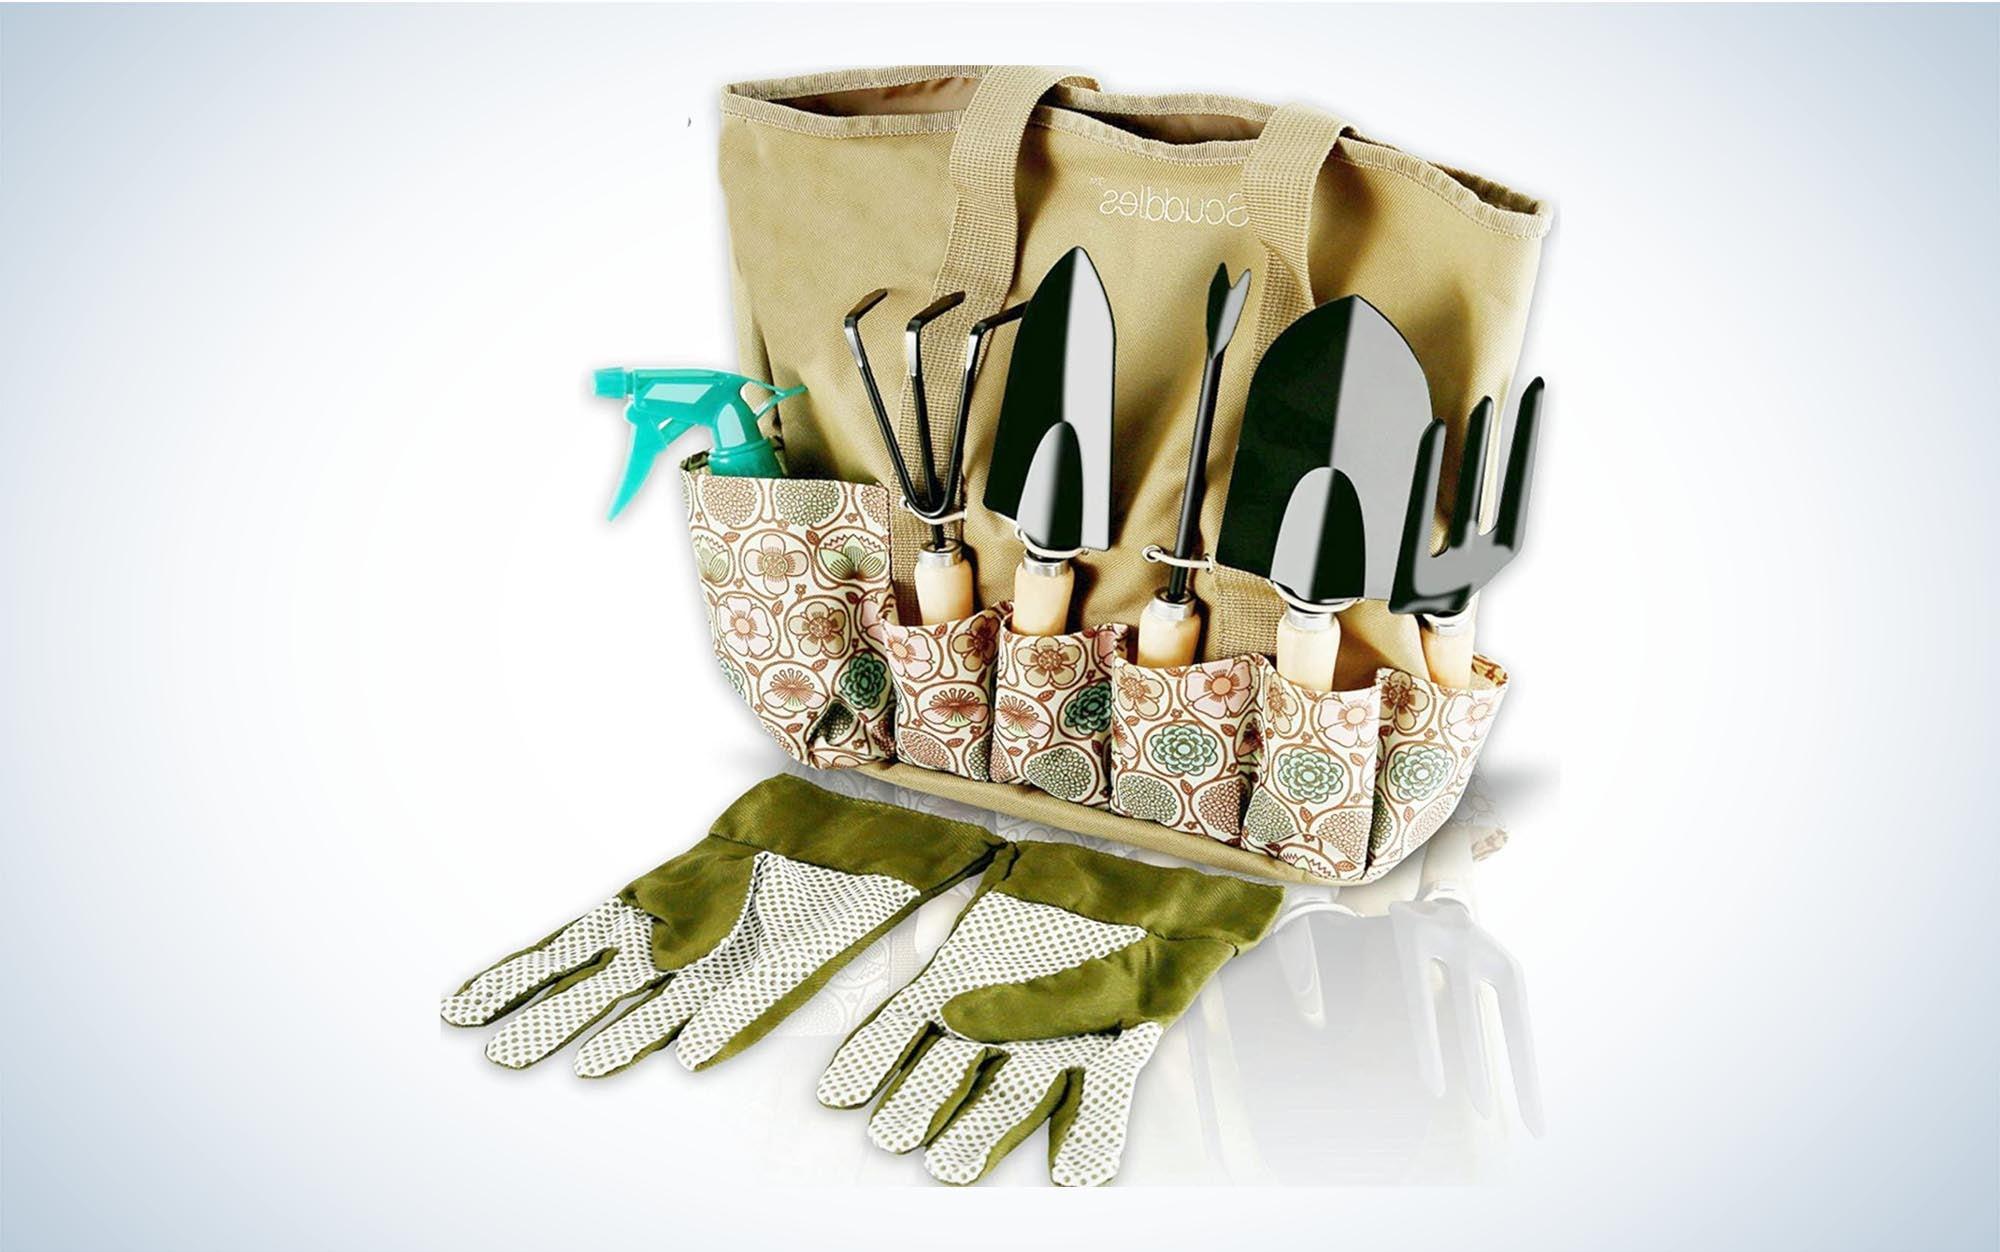 Gardening tool kit